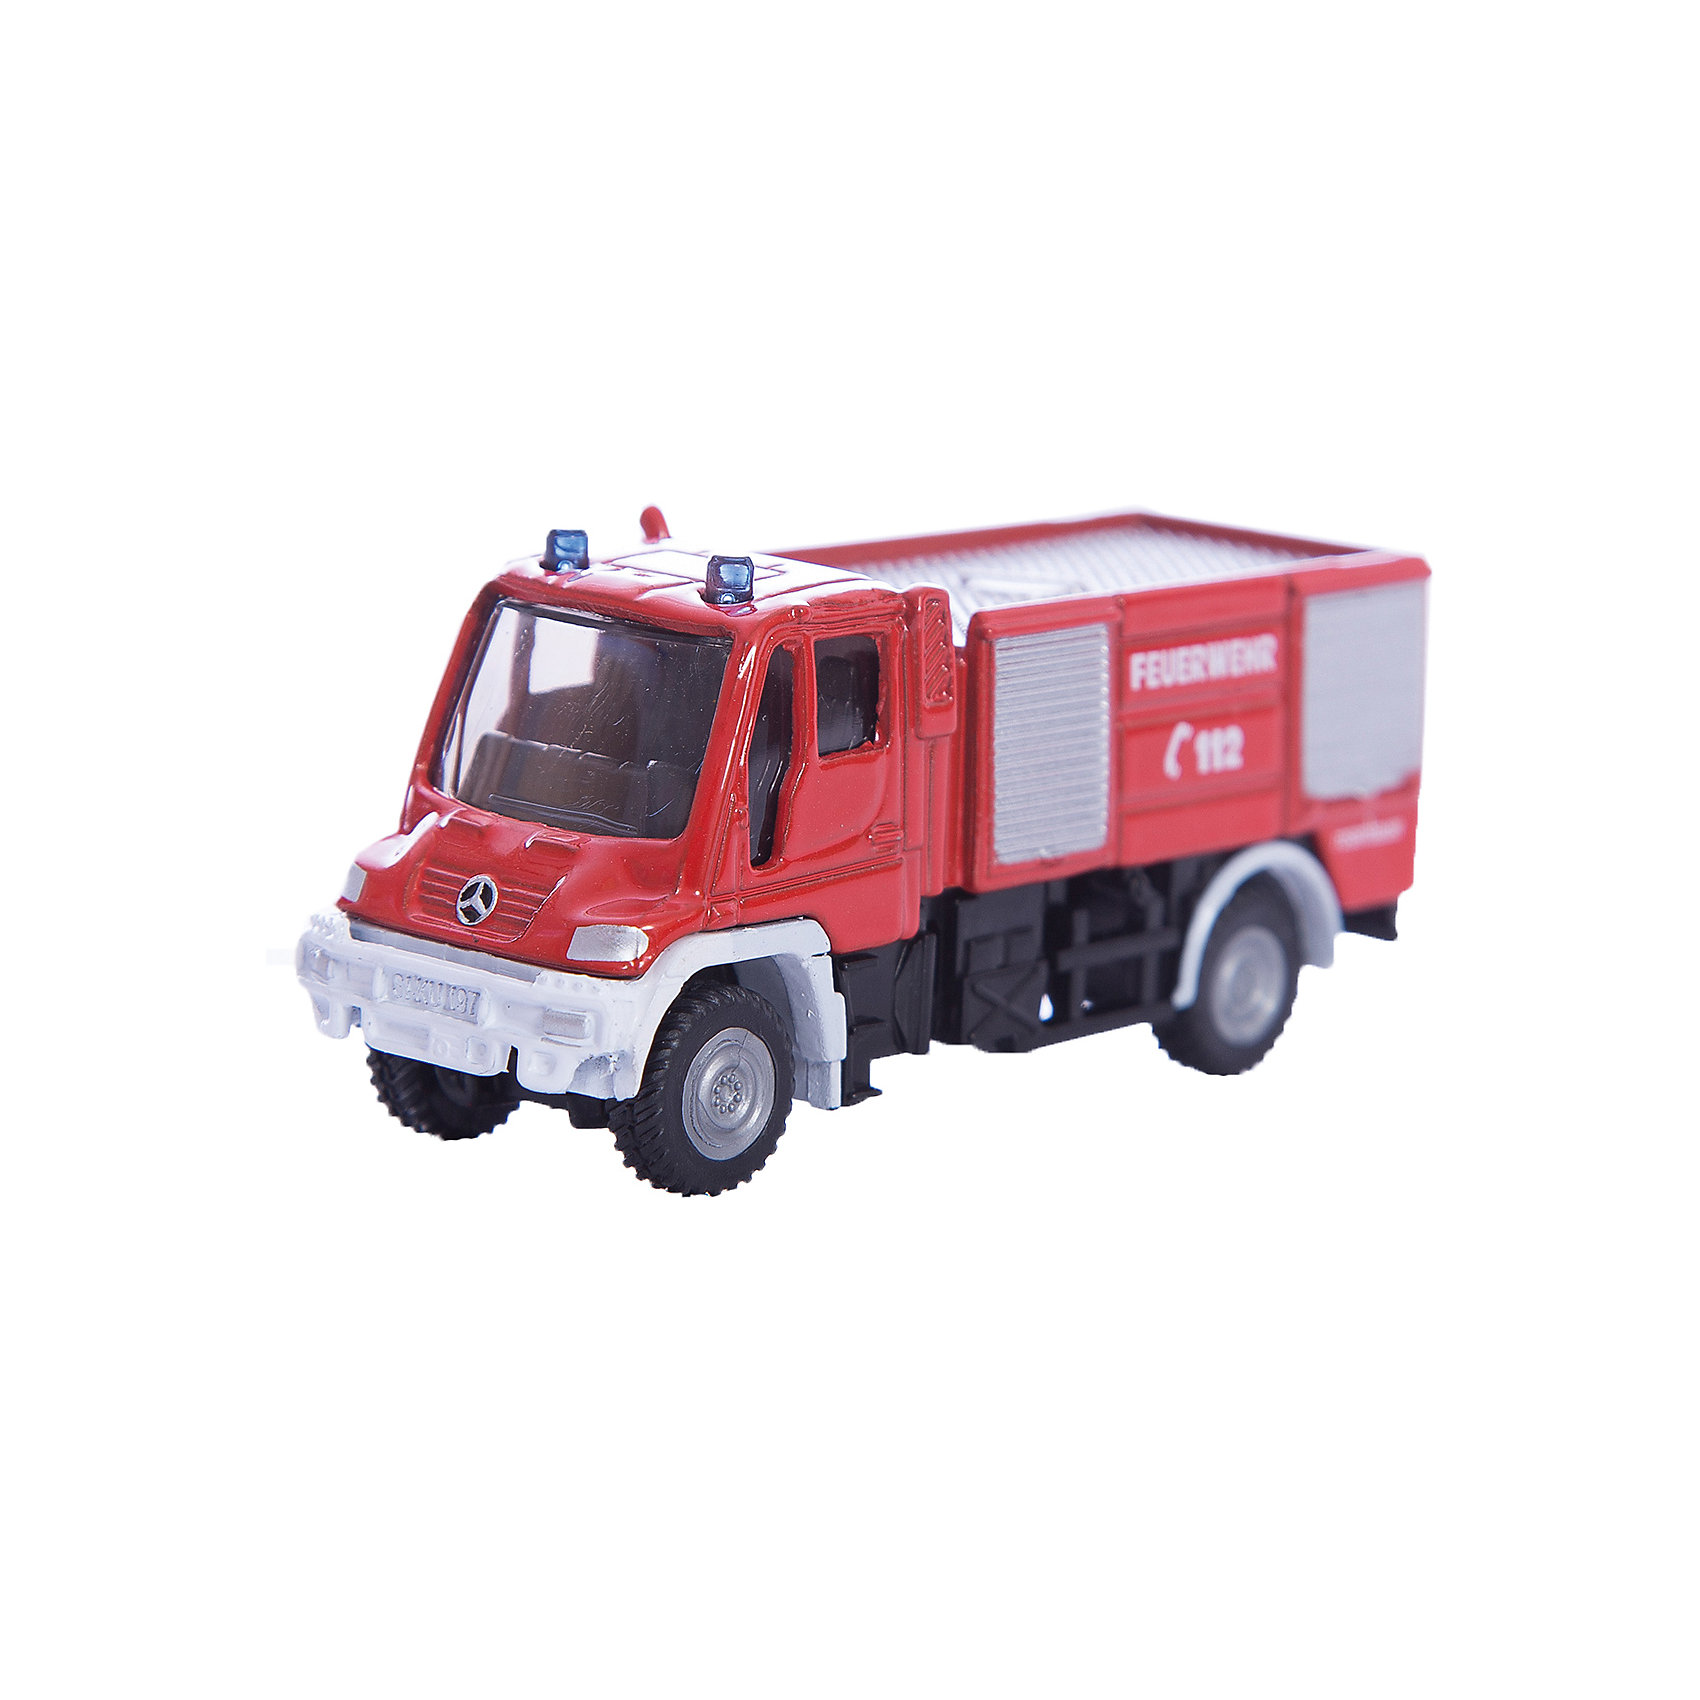 SIKU 1068 Пожарная машина Unimog 1:87Коллекционные модели<br>Масштабная модель SIKU (СИКУ) 1068 Пожарная машина Unimog 1:87, выпускавшейся в 70-е годы 20 века.<br><br>Модель окрашена в традиционный красный цвет, на борта машины нанесены отличительные знаки. Корпус выполнен из металла, лобовое и боковые стёкла из прозрачной тонированной пластмассы, колёса выполнены из пластика и вращаются, можно катать. Сзади есть сцепное устройство, можно использовать с прицепом SIKU (СИКУ).<br><br>Дополнительная информация:<br>-Материал: металл с элементами пластмассы<br>-Размер игрушки: 7,7 x 2,5 x 3,5 см<br>-Материал: металл, пластик, резина<br><br>Благодаря высокому качеству исполнения и сохранению высокой детализации, эта игрушка будет интересна не только детям, но и взрослым коллекционерам.<br><br>SIKU (СИКУ) 1068 Пожарную машину Unimog 1:87 можно купить в нашем магазине.<br><br>Ширина мм: 96<br>Глубина мм: 78<br>Высота мм: 30<br>Вес г: 60<br>Возраст от месяцев: 36<br>Возраст до месяцев: 96<br>Пол: Мужской<br>Возраст: Детский<br>SKU: 1519997